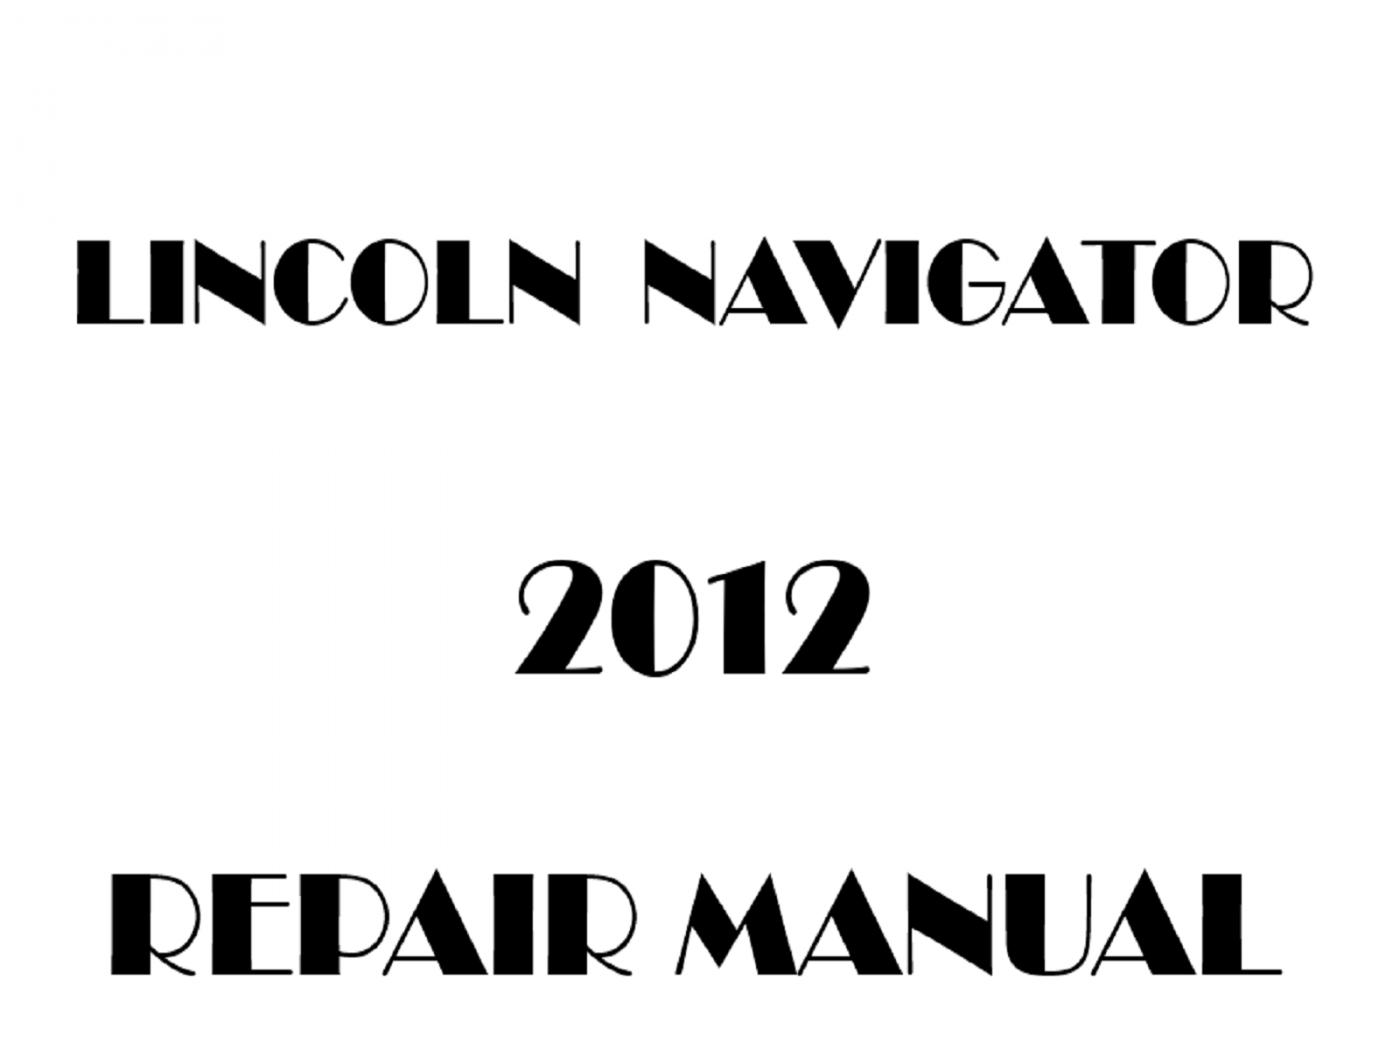 2012 Lincoln Navigator repair manual